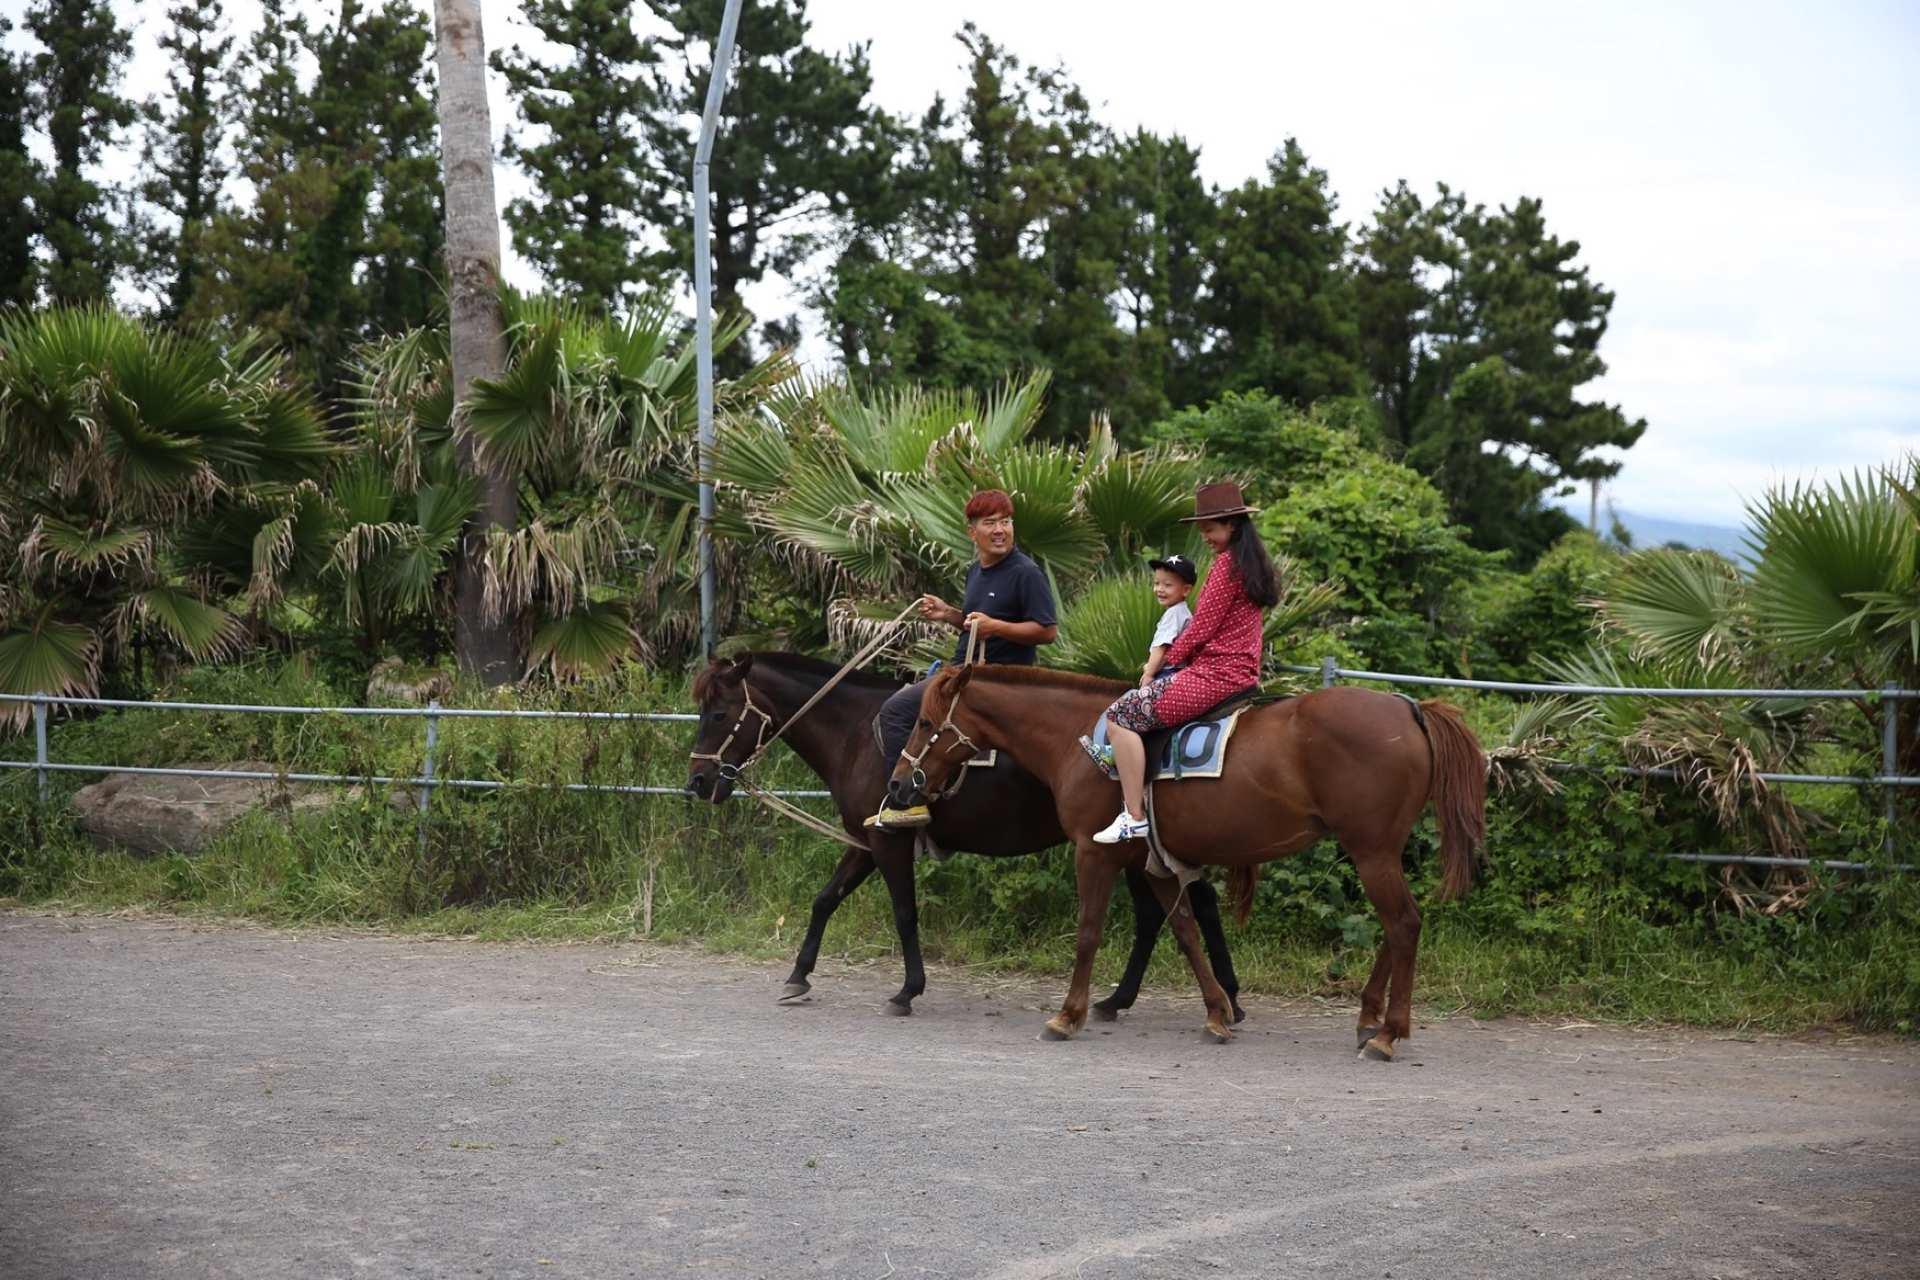 【濟州玩樂新天地】中文騎馬公園騎馬體驗